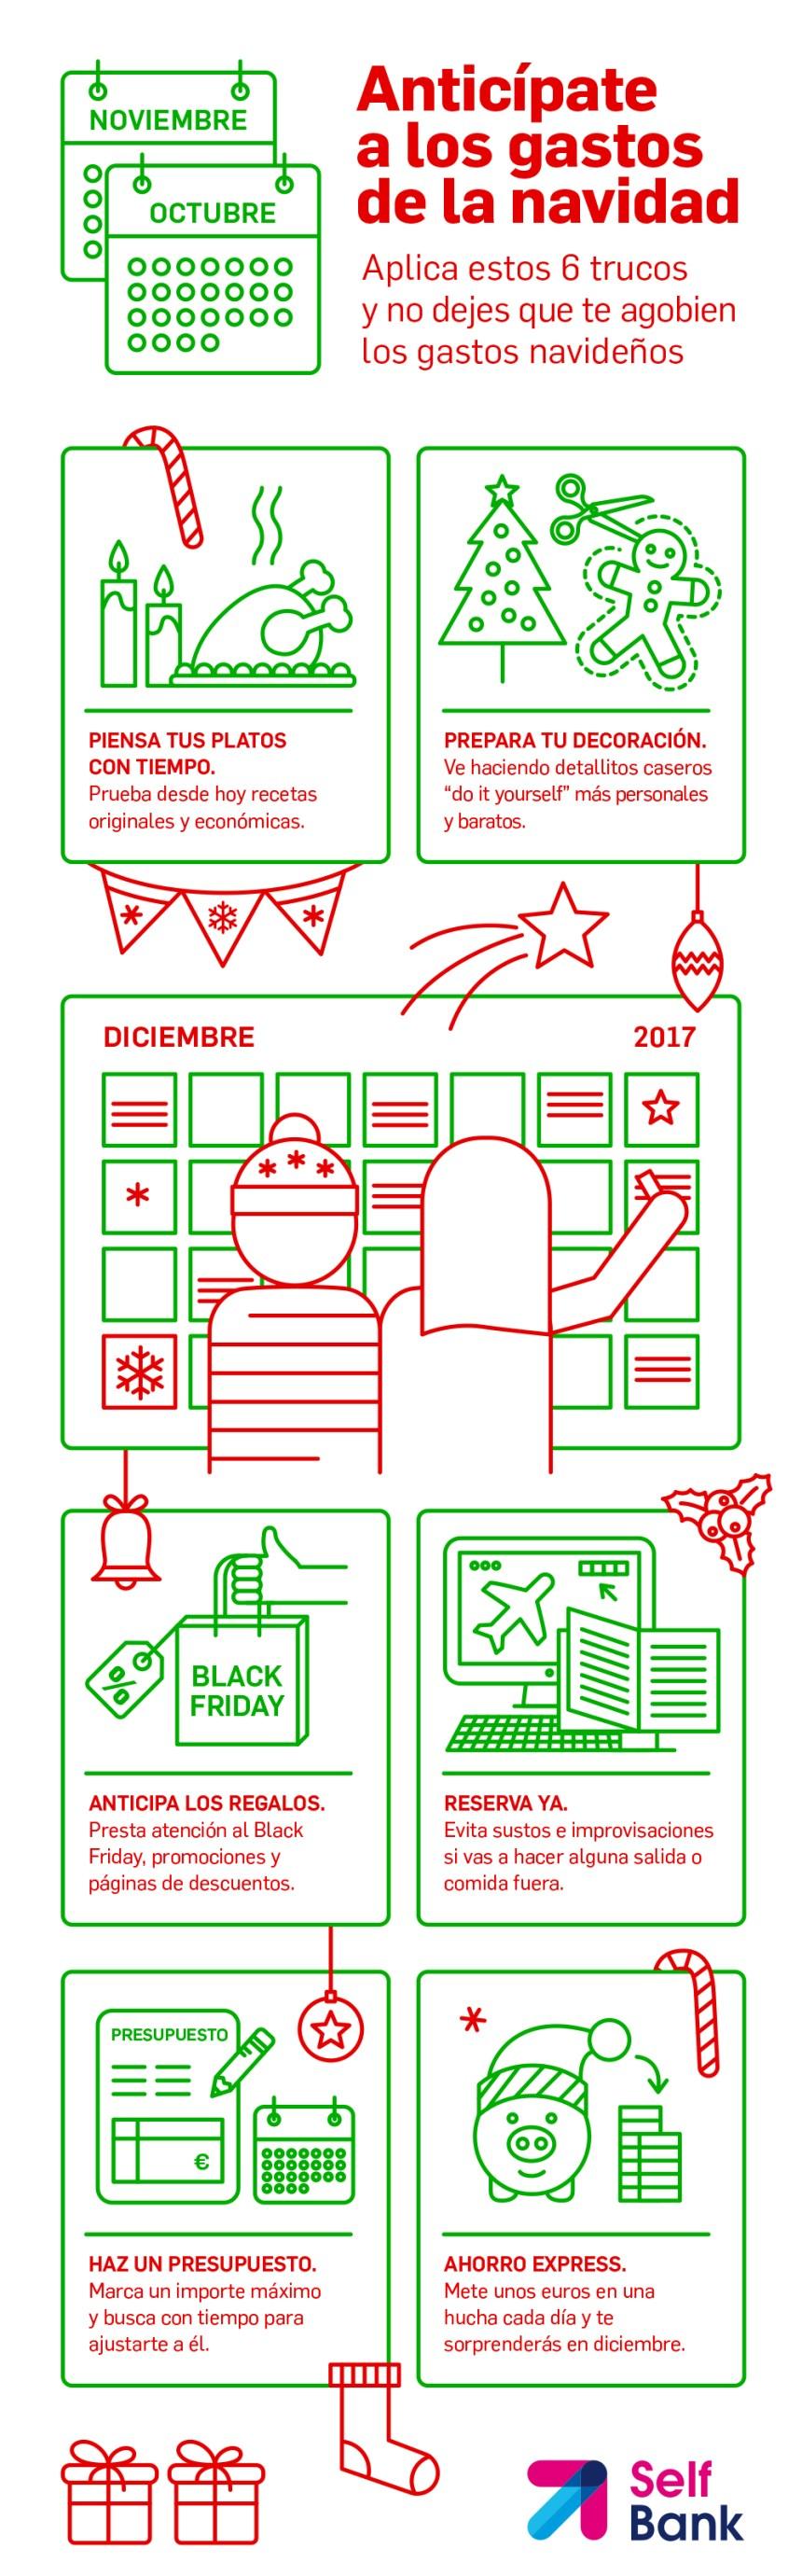 Anticipate a los gastos de Navidad